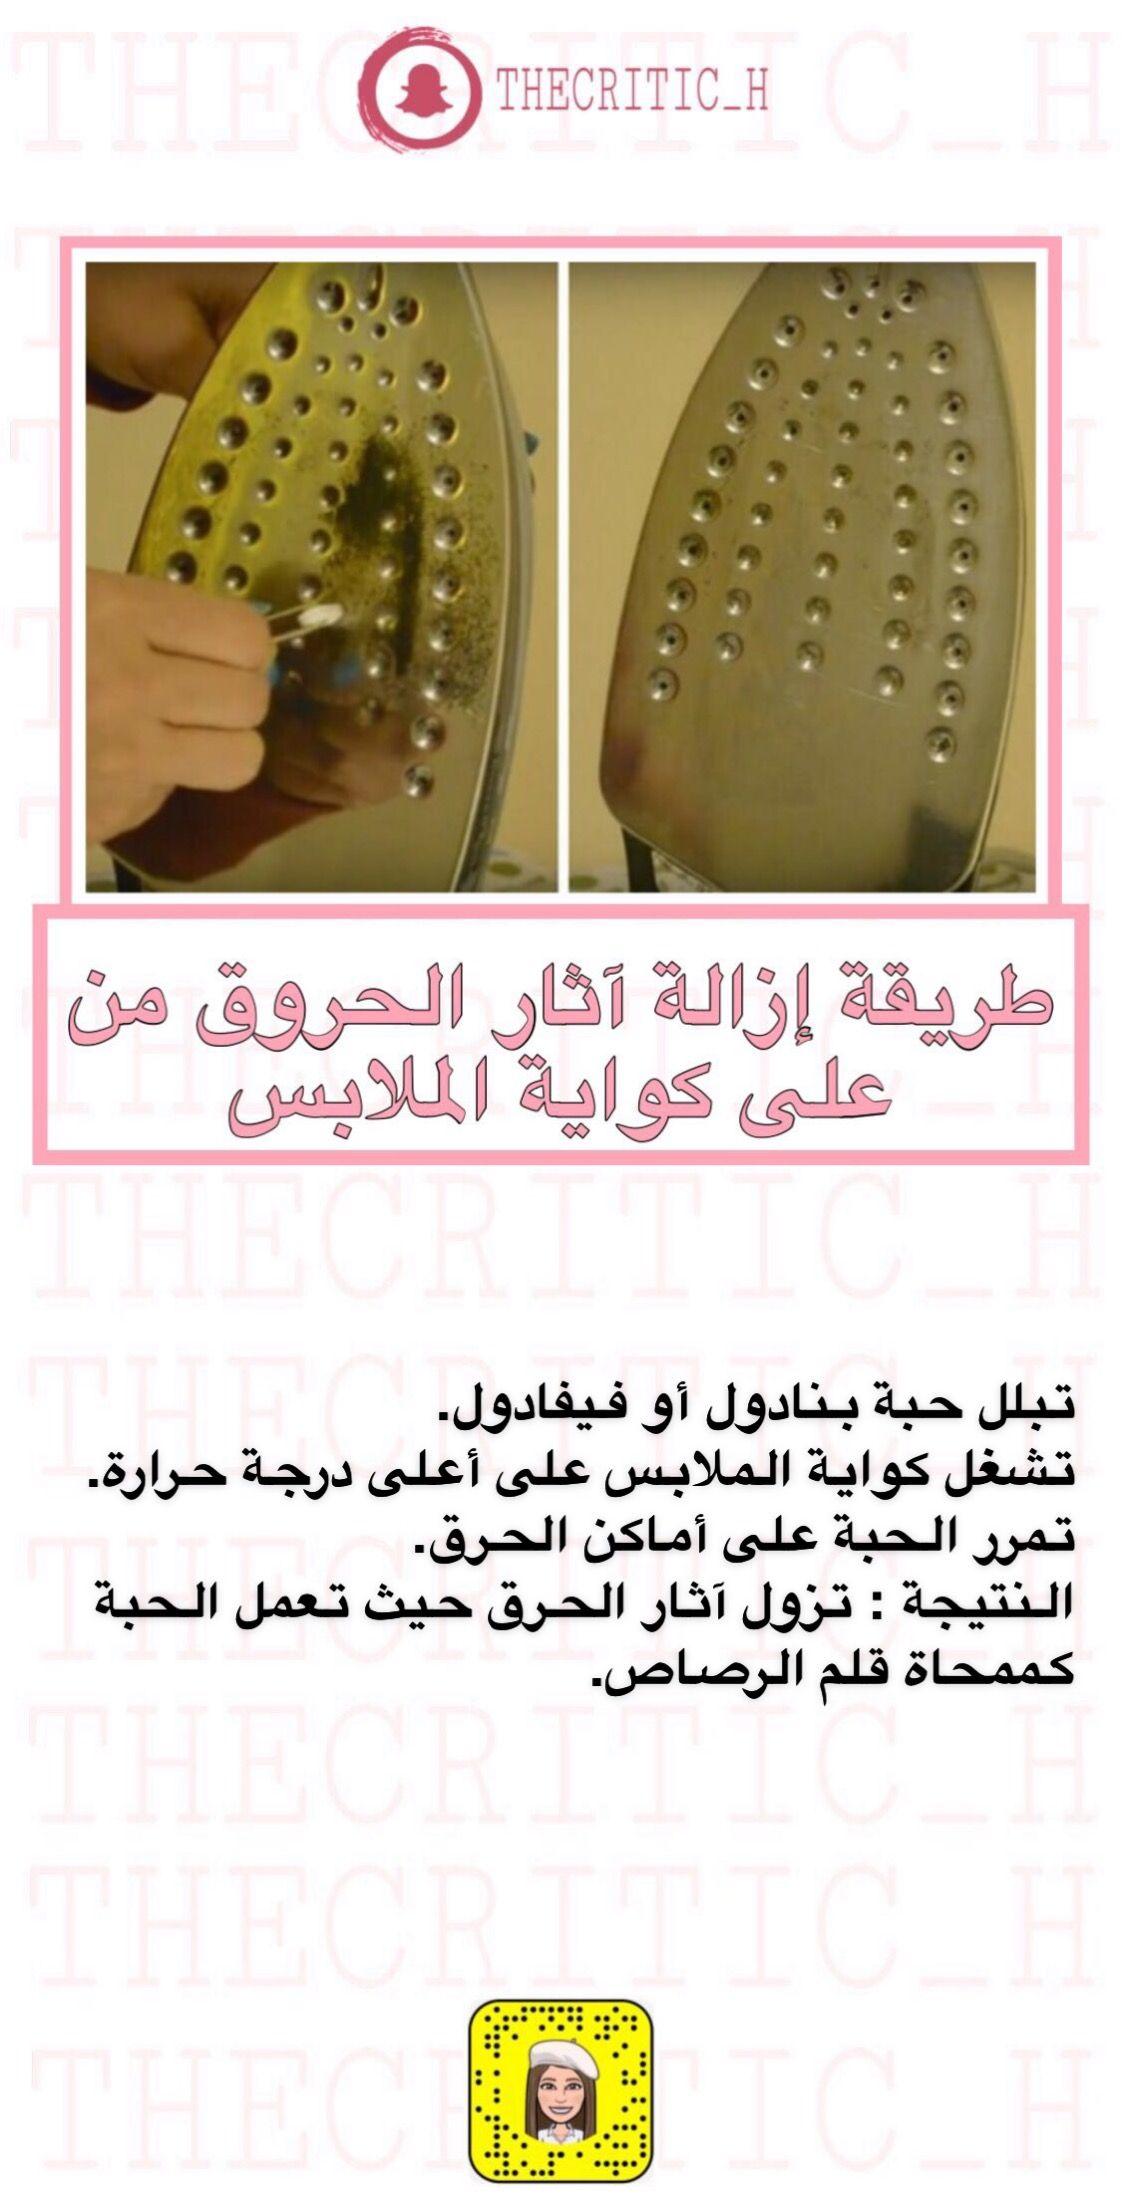 طريقة إزالة آثار الحروق من على كواية الملابس Home Appliances Iron Appliances